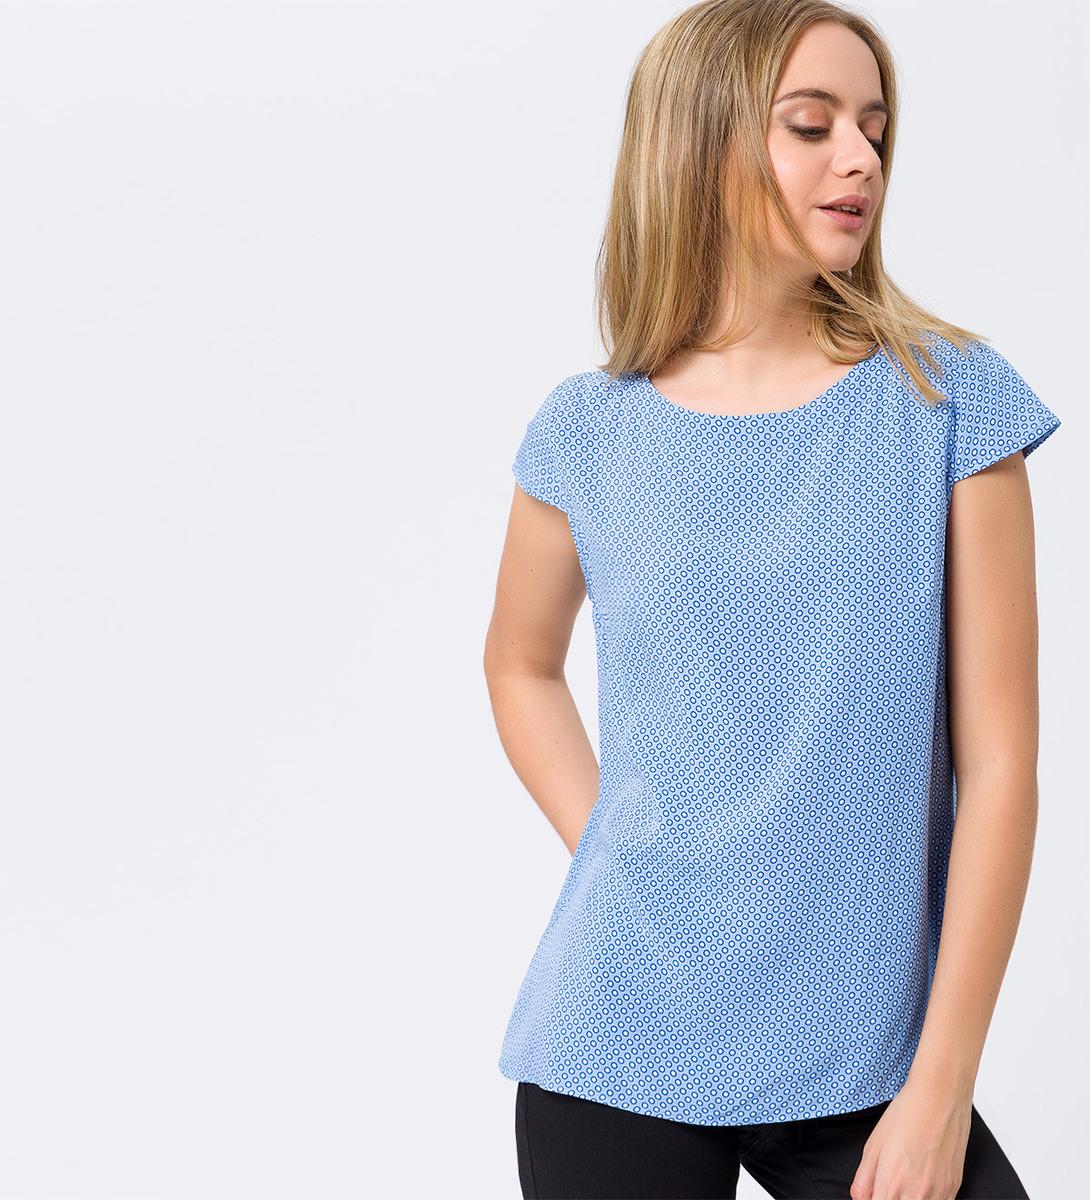 Bluse mit Flügelärmeln in azur blue